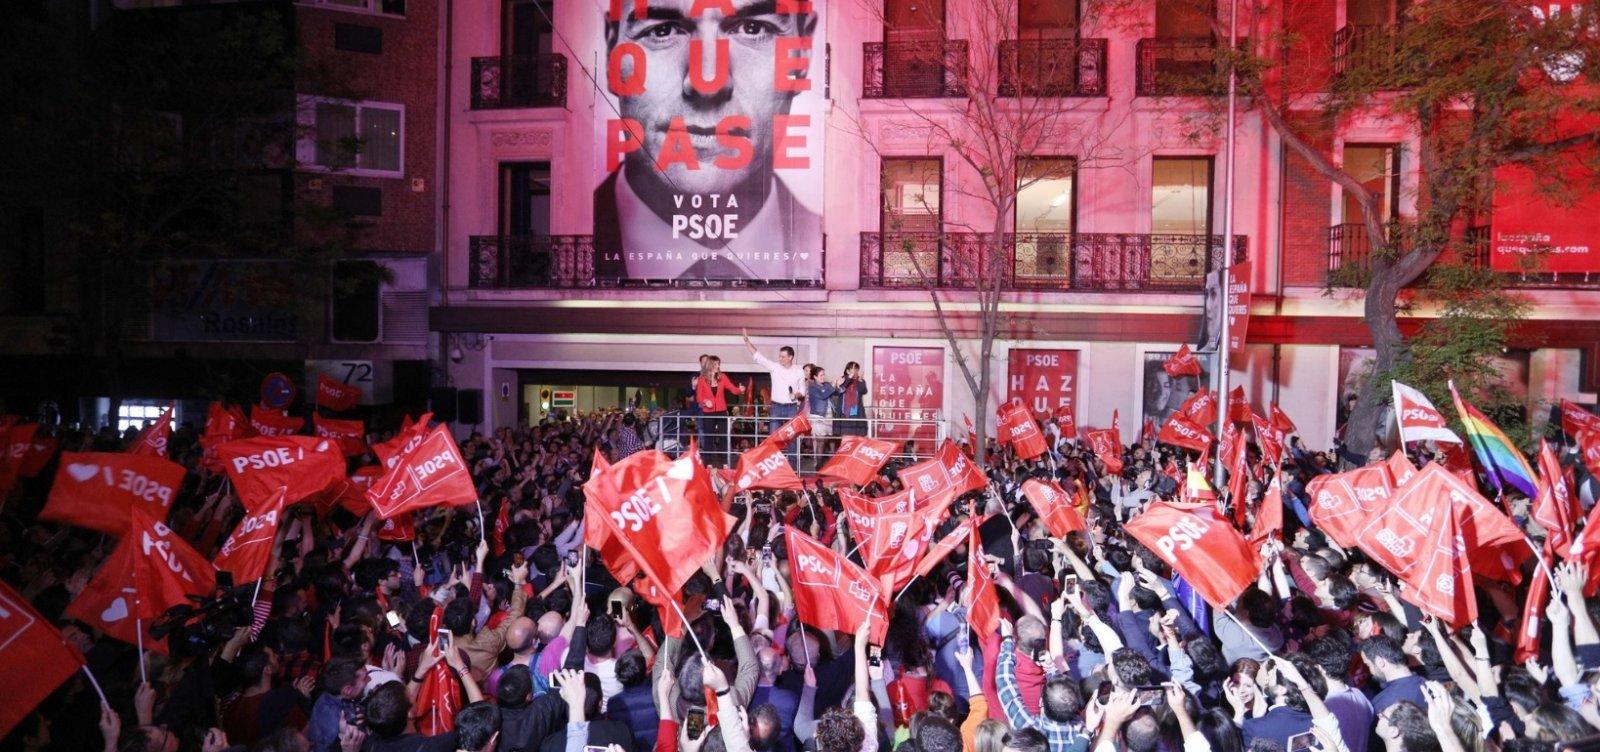 [PSOE vence eleições na Espanha, mas sem maioria para governar]